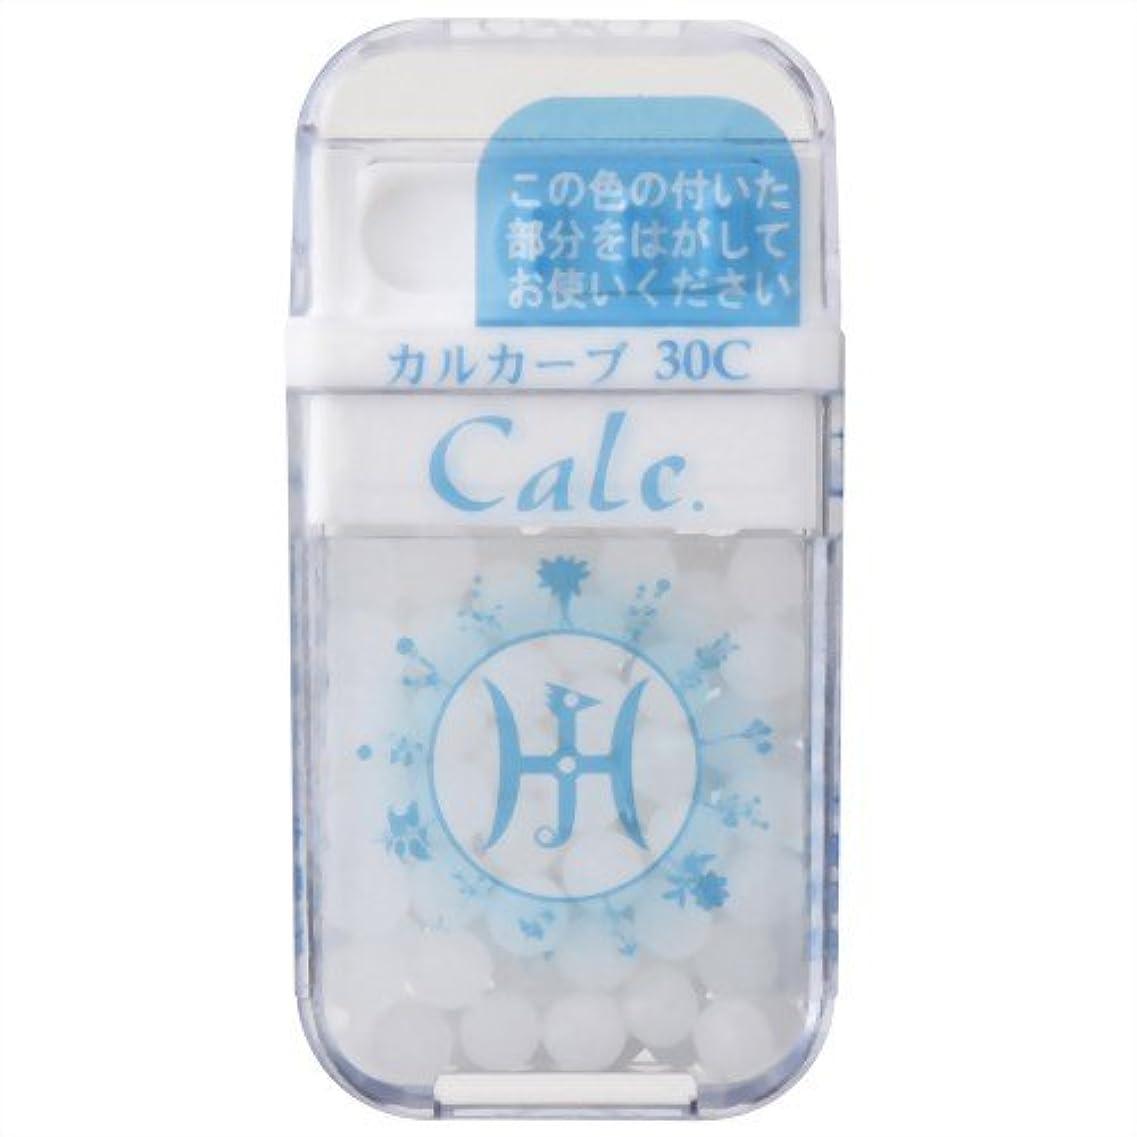 アーティキュレーションバンカー爪ホメオパシージャパンレメディー Calc.  カルカーブ 30C (大ビン)